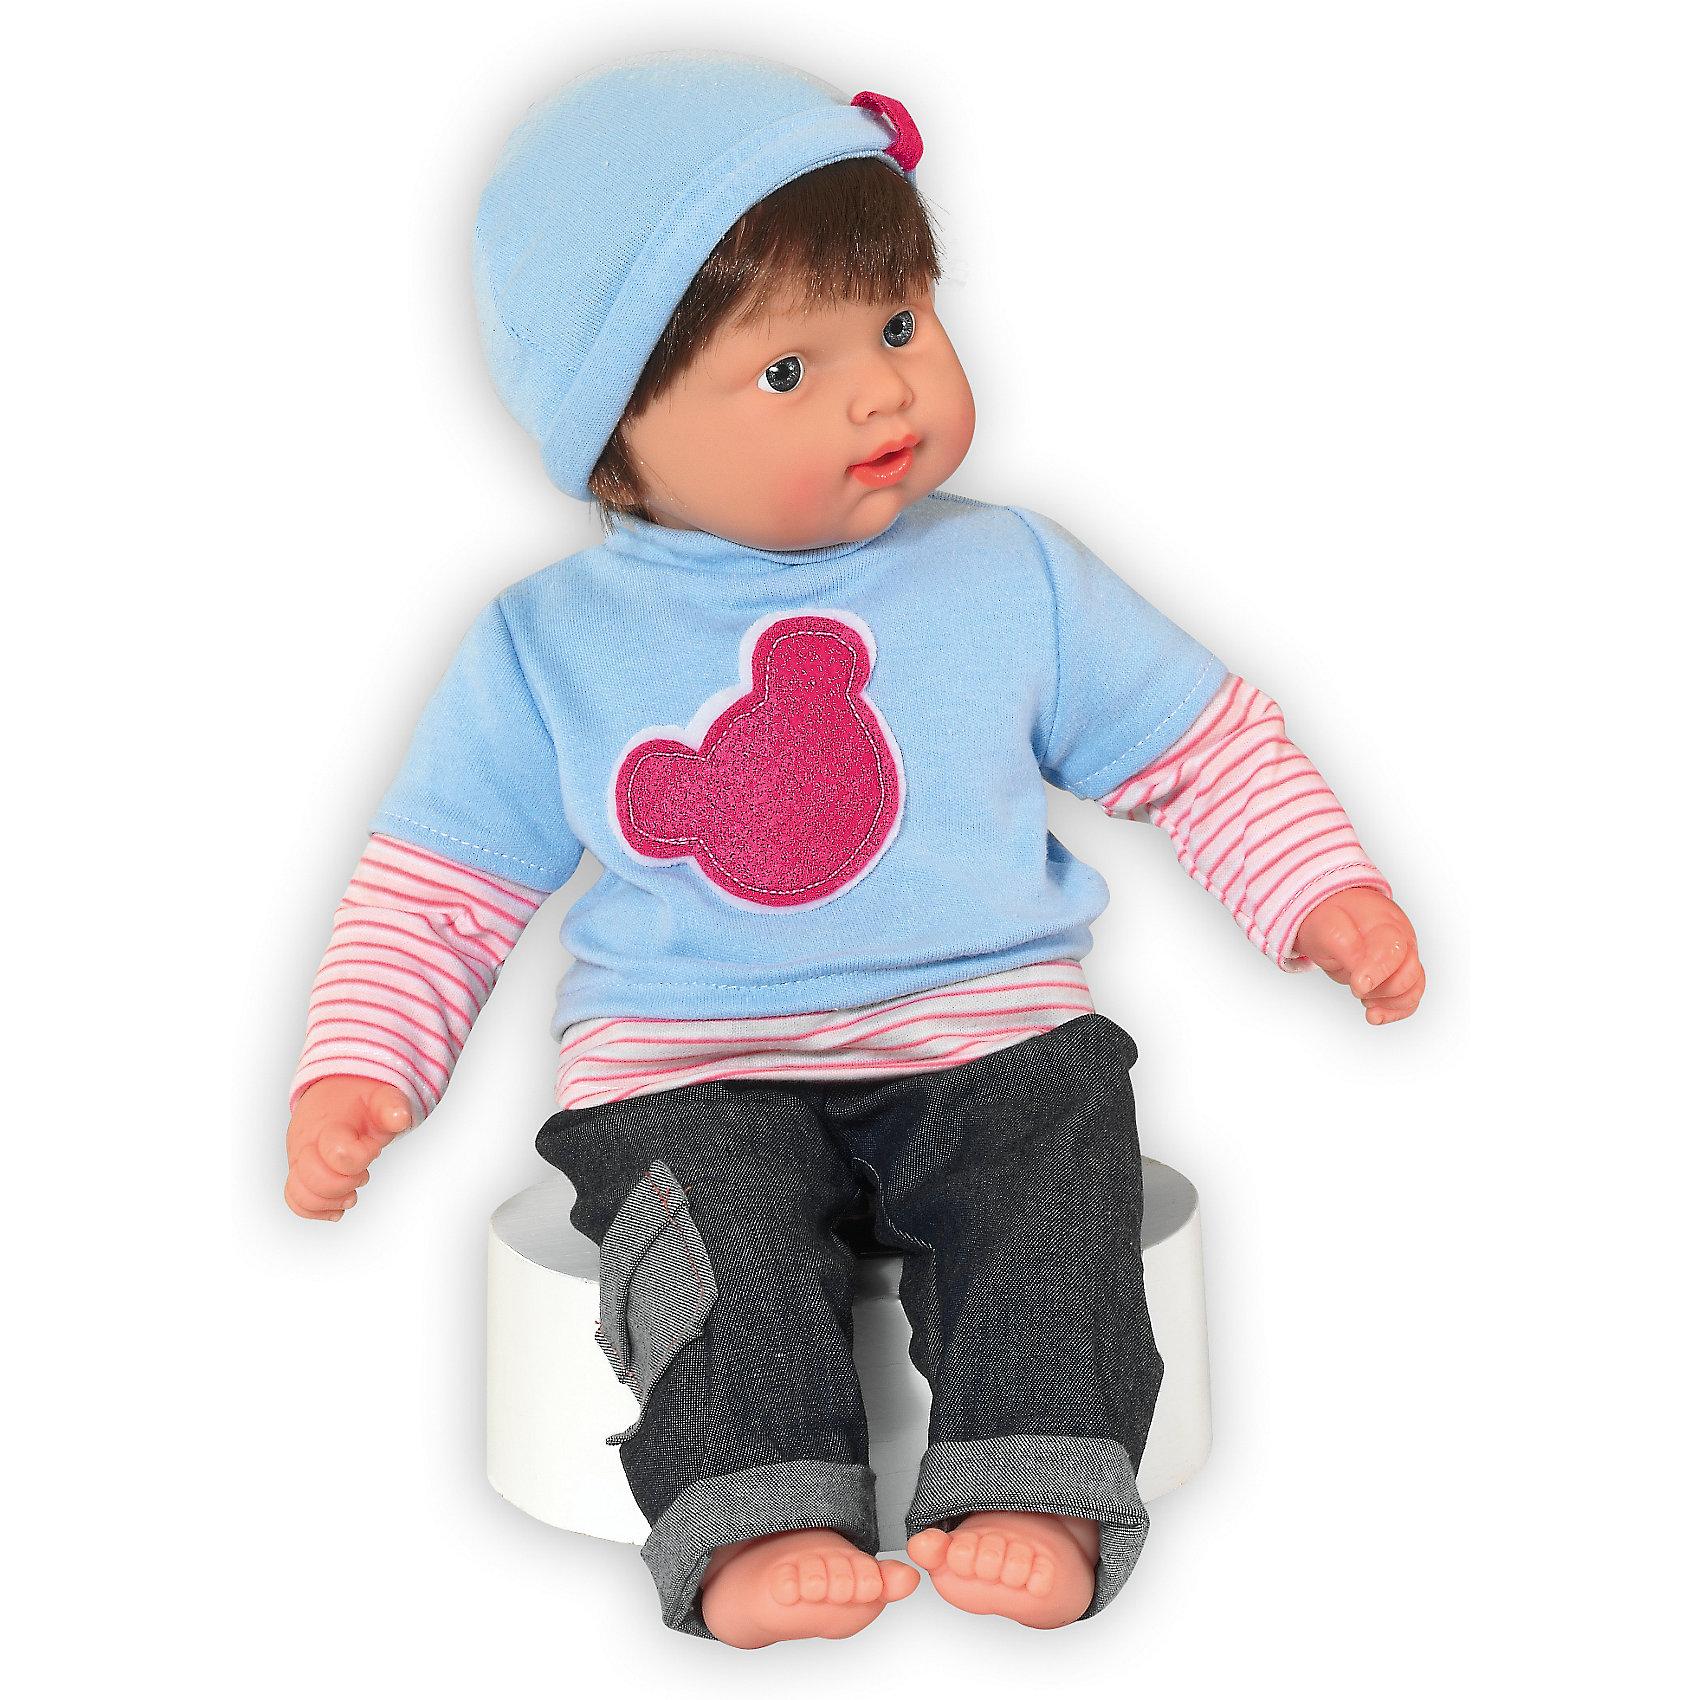 Кукла Baby Pink Мальчик, Loko ToysКлассические куклы<br>Характеристики товара:<br><br>• возраст: от 10 месяцев;<br>• материал: пластик, текстиль, ПВХ;<br>• в комплекте: кукла, соска;<br>• высота куклы: 43 см;<br>• тип батареек: 3 батарейки LR44;<br>• наличие батареек: в комплекте;<br>• размер упаковки: 44х33х12,5 см;<br>• вес упаковки: 855 гр.;<br>• страна производитель: Китай.<br><br>Кукла-мальчик «Baby Pink» Loko Toys одета в стильный свитер с полосатыми рукавами, джинсы и шапочку. Кукла умеет произносить звуки младенца и плакать. Если пупс заплакал, заботливая девочка может дать ему соску, покачать на ручках и успокоить. Игра с куклой привьет девочке любовь, чувство ответственности, заботы и помощи окружающим. <br><br>Куклу-мальчика «Baby Pink» Loko Toys можно приобрести в нашем интернет-магазине.<br><br>Ширина мм: 330<br>Глубина мм: 125<br>Высота мм: 440<br>Вес г: 855<br>Возраст от месяцев: 10<br>Возраст до месяцев: 2147483647<br>Пол: Женский<br>Возраст: Детский<br>SKU: 6759072